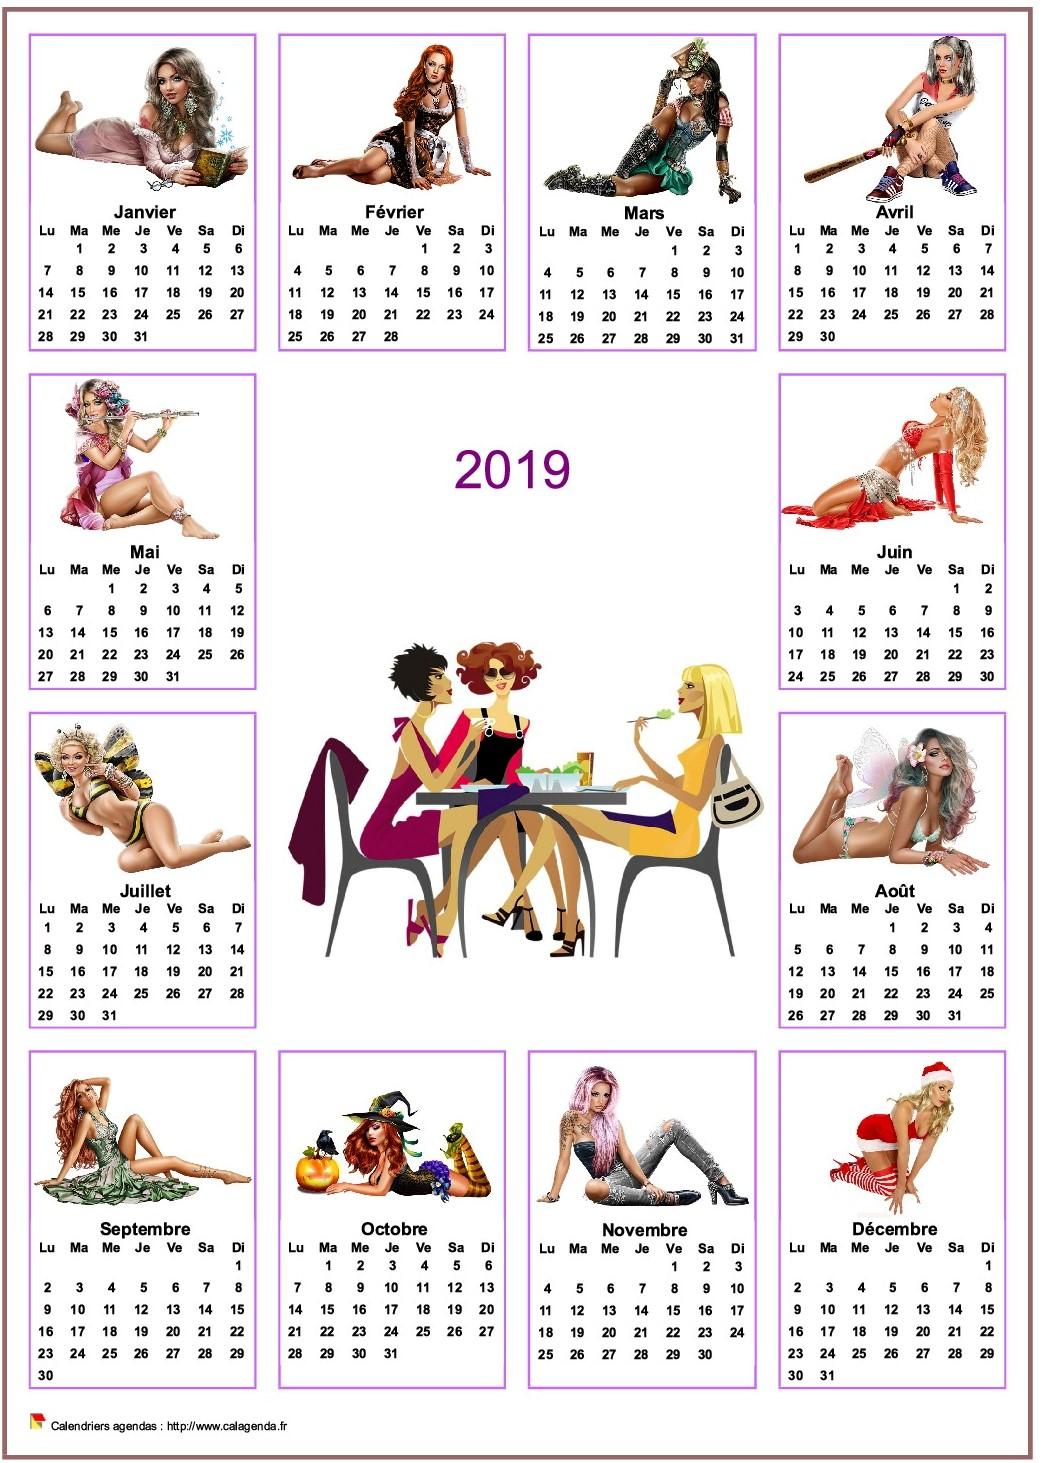 Calendrier 2019 annuel tubes femmes